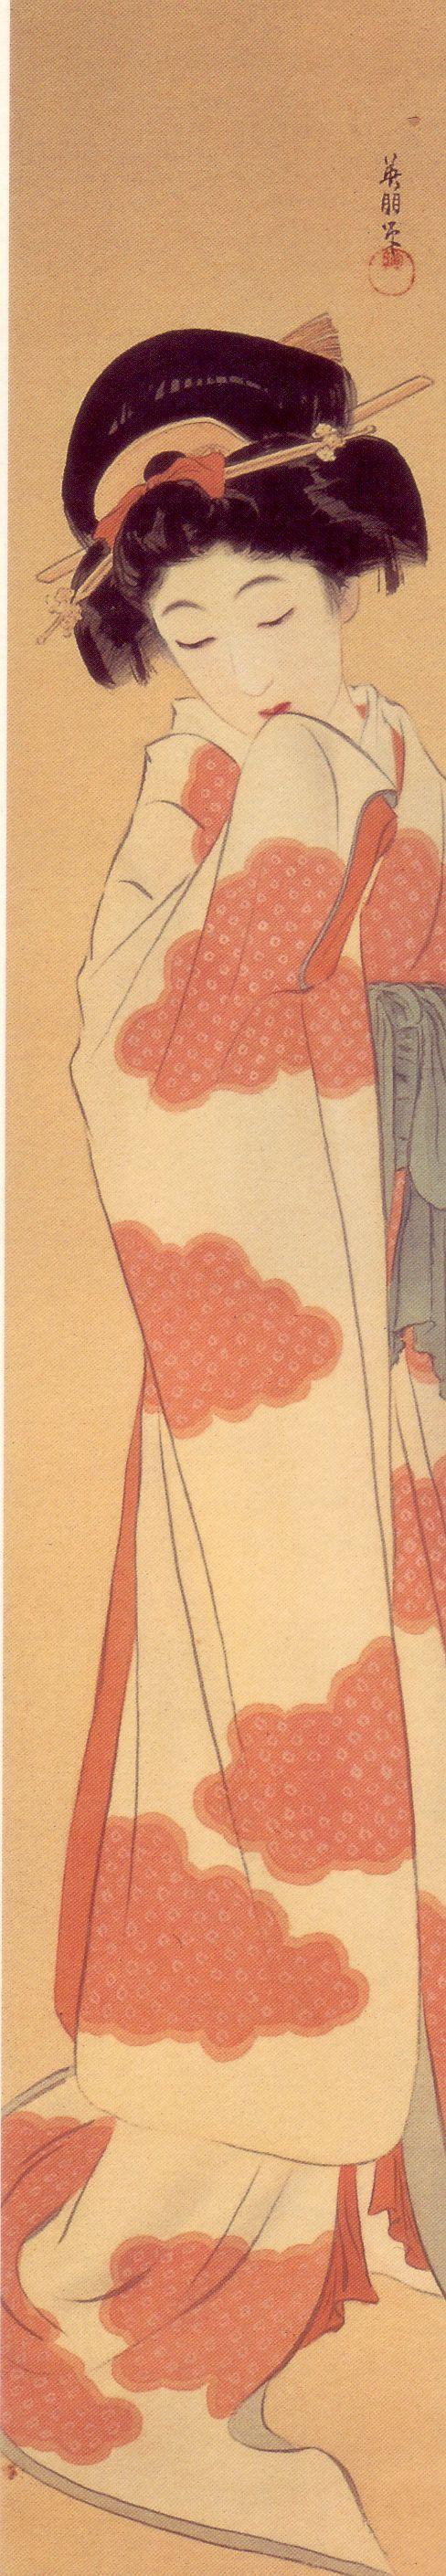 鰭崎英朋 初袷(はつあわせ)Hiresaki Eiho Hatsuawase (First registration)